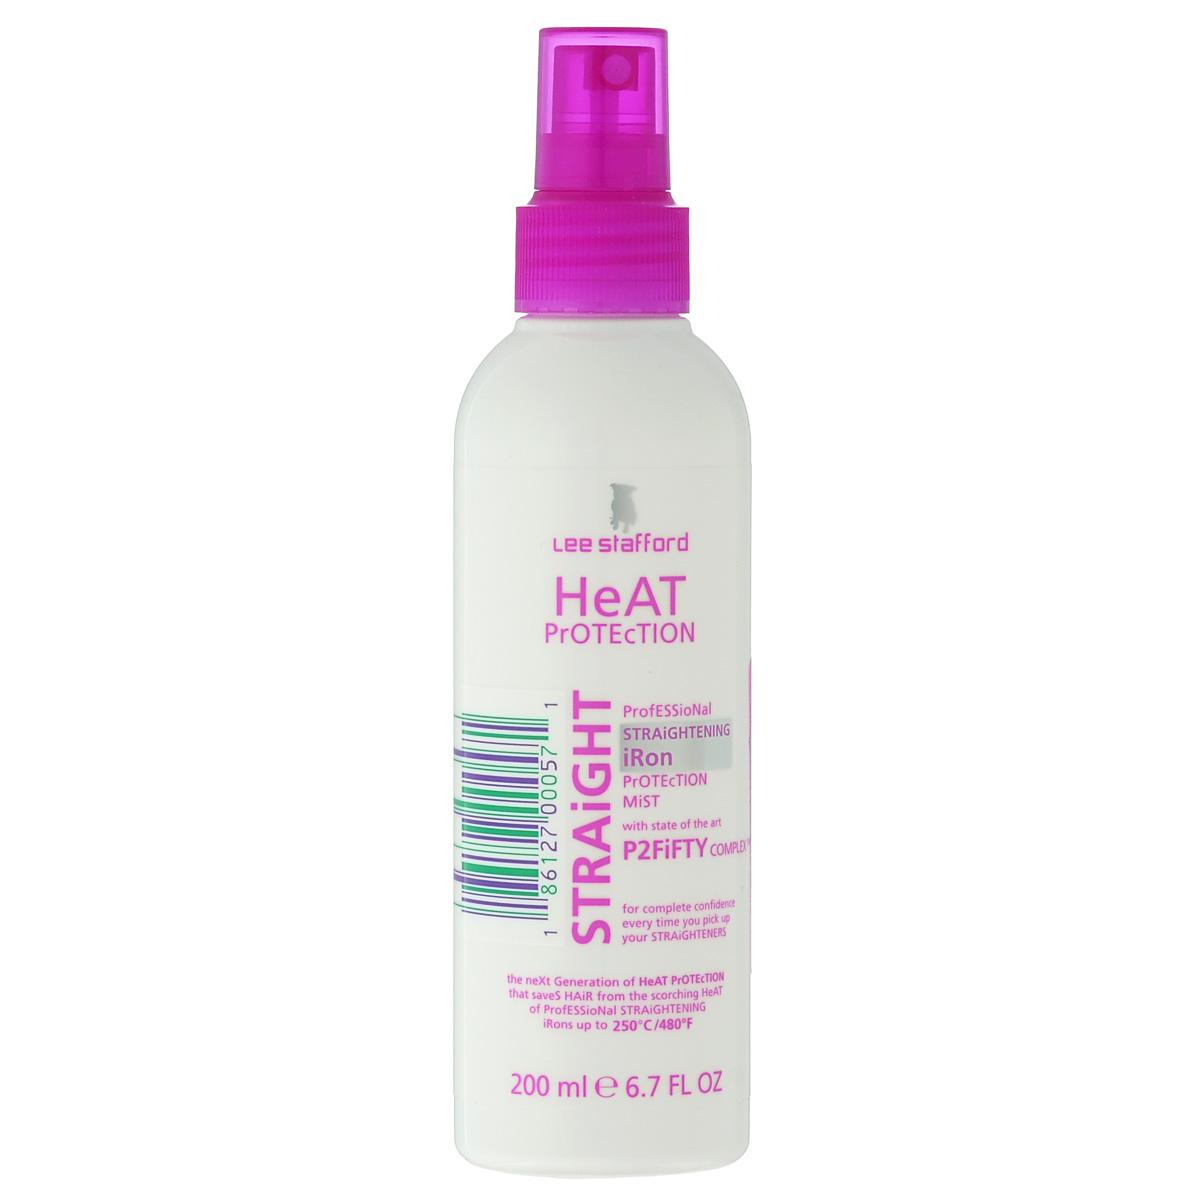 Lee Stafford Профессиональный спрей Poker Straight, защищающий волосы при использовании выпрямляющих приборов, 200 млБ33041_шампунь-барбарис и липа, скраб -черная смородина200408 Lee Stafford Спрей, защищающий волосы при использовании выпрямляющих приборов Heat Protection Straight, 200 мл. Содержит комплекс P2Fifty, защищающий волосы от повреждений при нагреве завивающих приборов до 250С. Распылите спрей с расстояния 20-30 см. на волосы, высушенные полотенцем, а затем просушите их феном. Перед использованием выпрямляющих приборов распылите спрей на участок волос, который будет контактировать со щипцами.